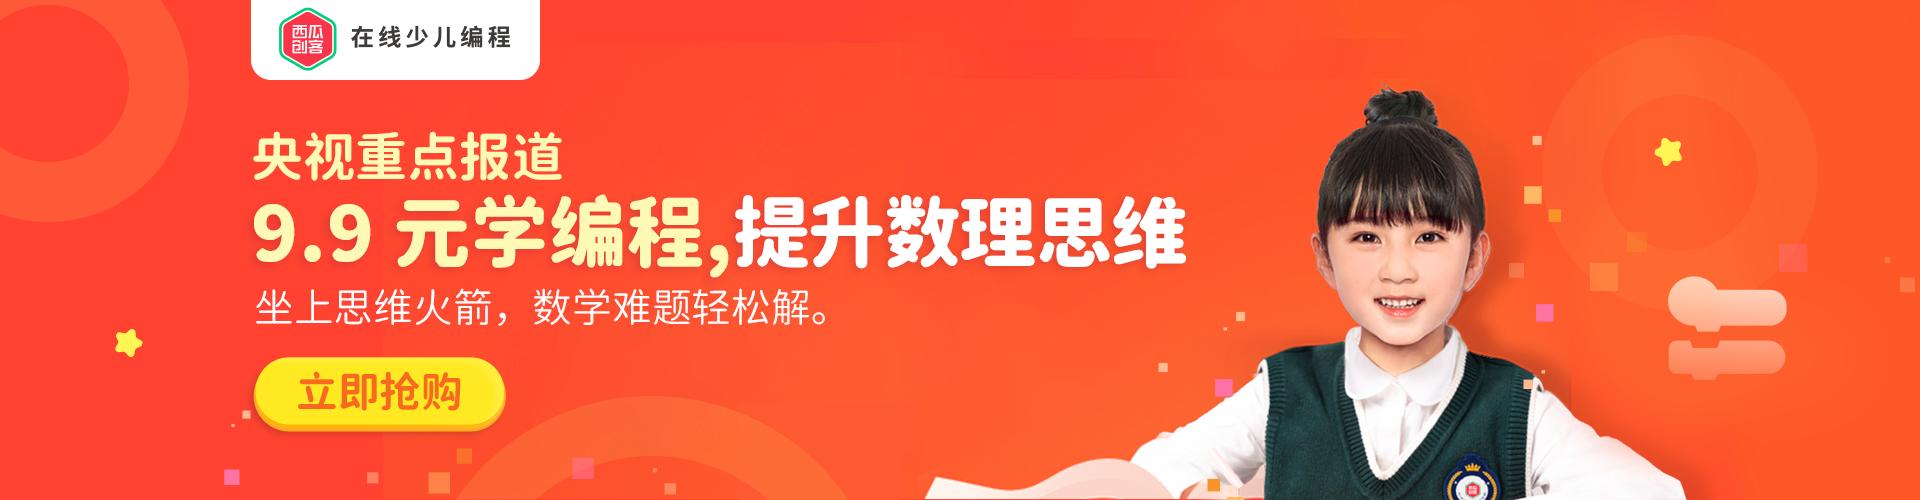 9.9元活动价西瓜创客小学生零基础AI双师在线scratch编程课